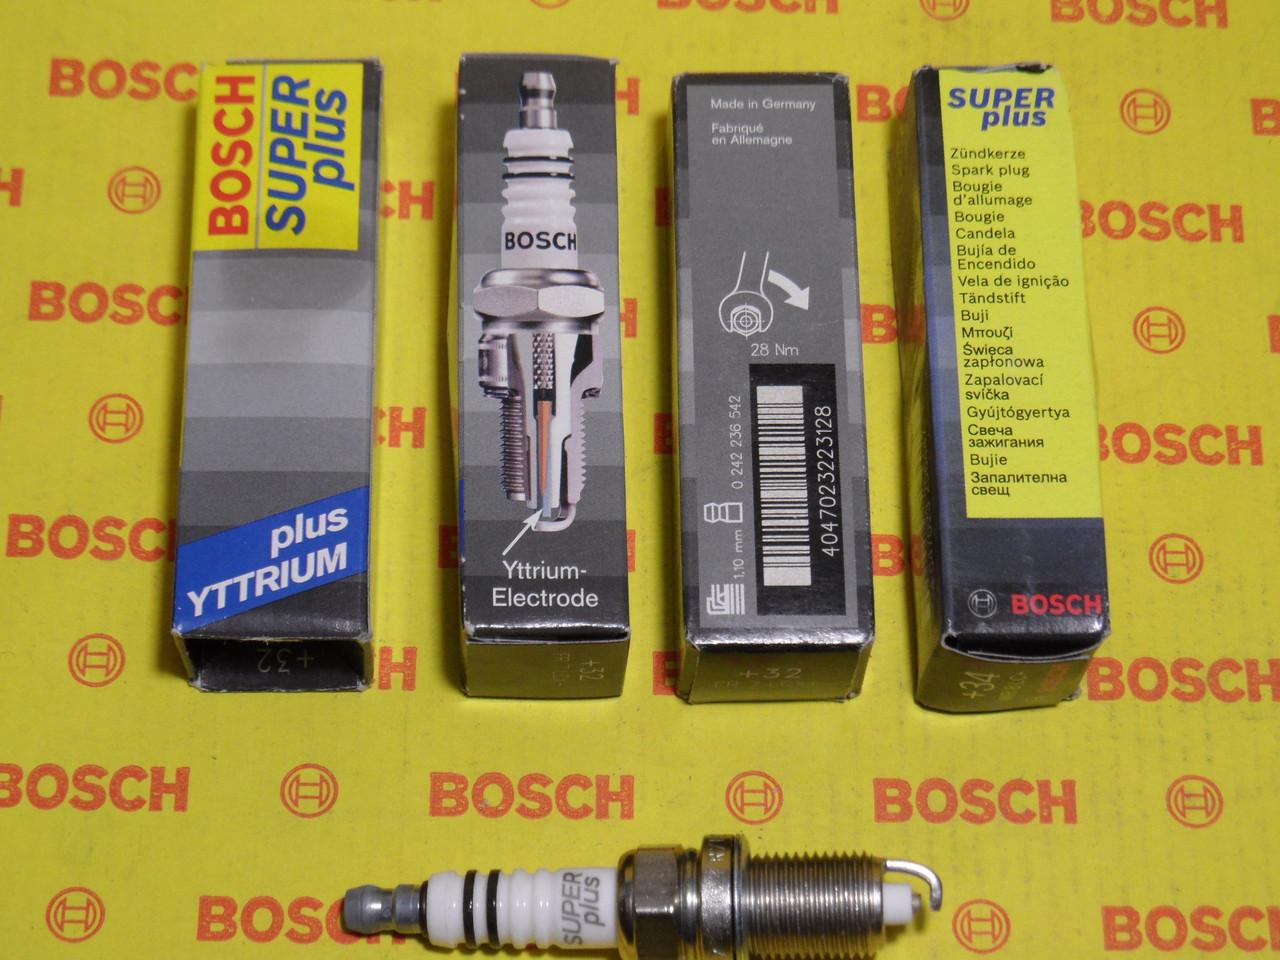 Свічки запалювання BOSCH, FR7LCX+, +32, 1.1, Super +, 0242236542, 0 242 236 542,